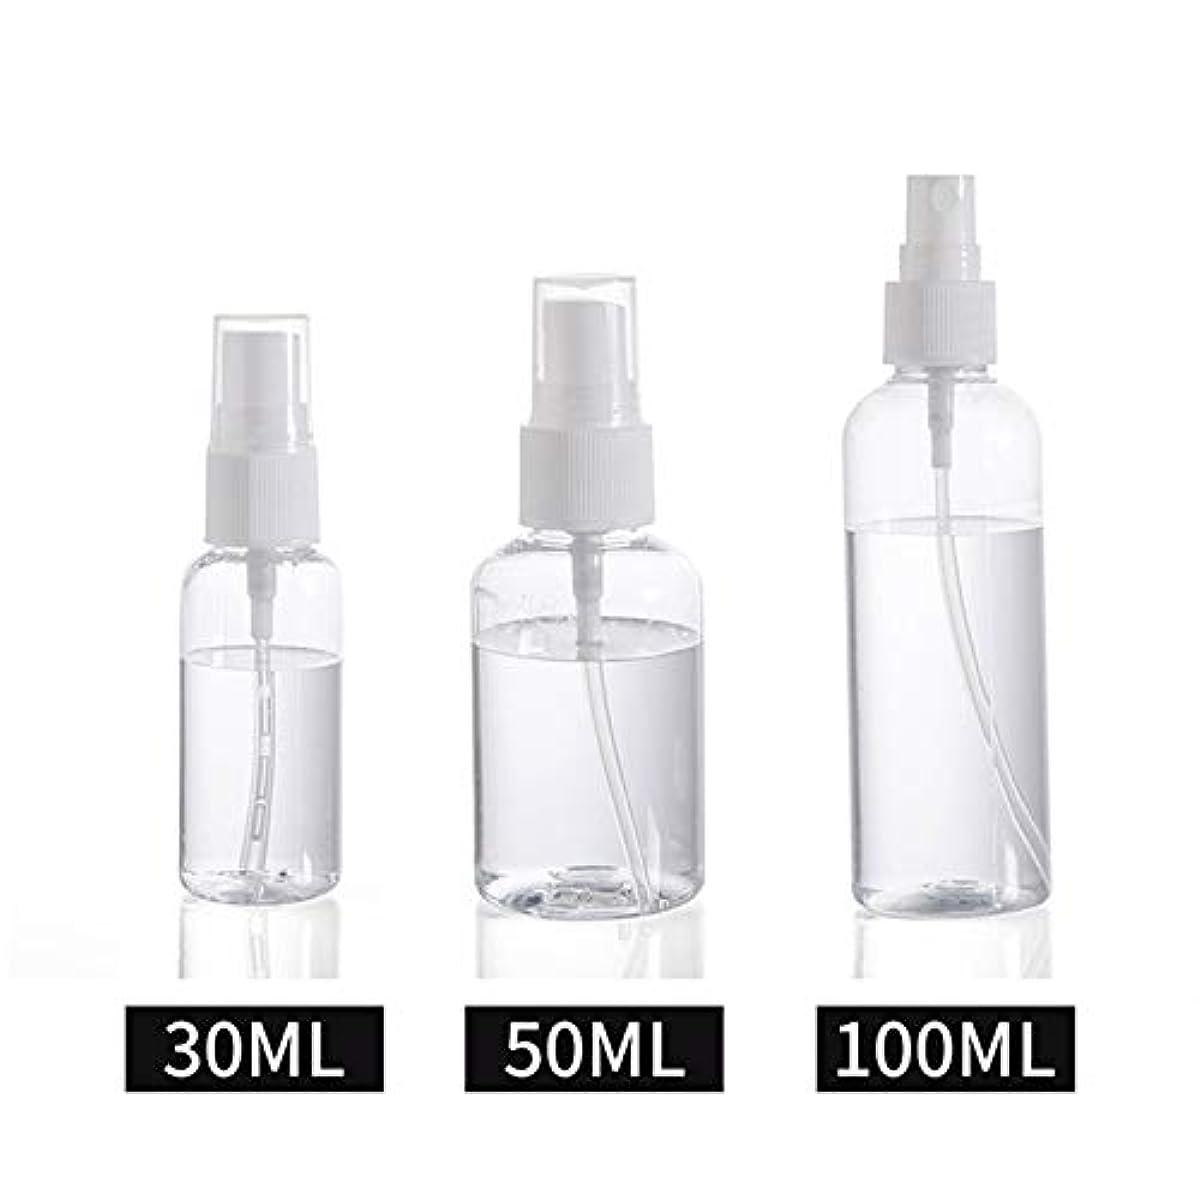 トランクライブラリ出席パッド30ml / 50ml / 100ml スプレーボトル 小分けボトル 詰め替え シャンプー クリーム 化粧品